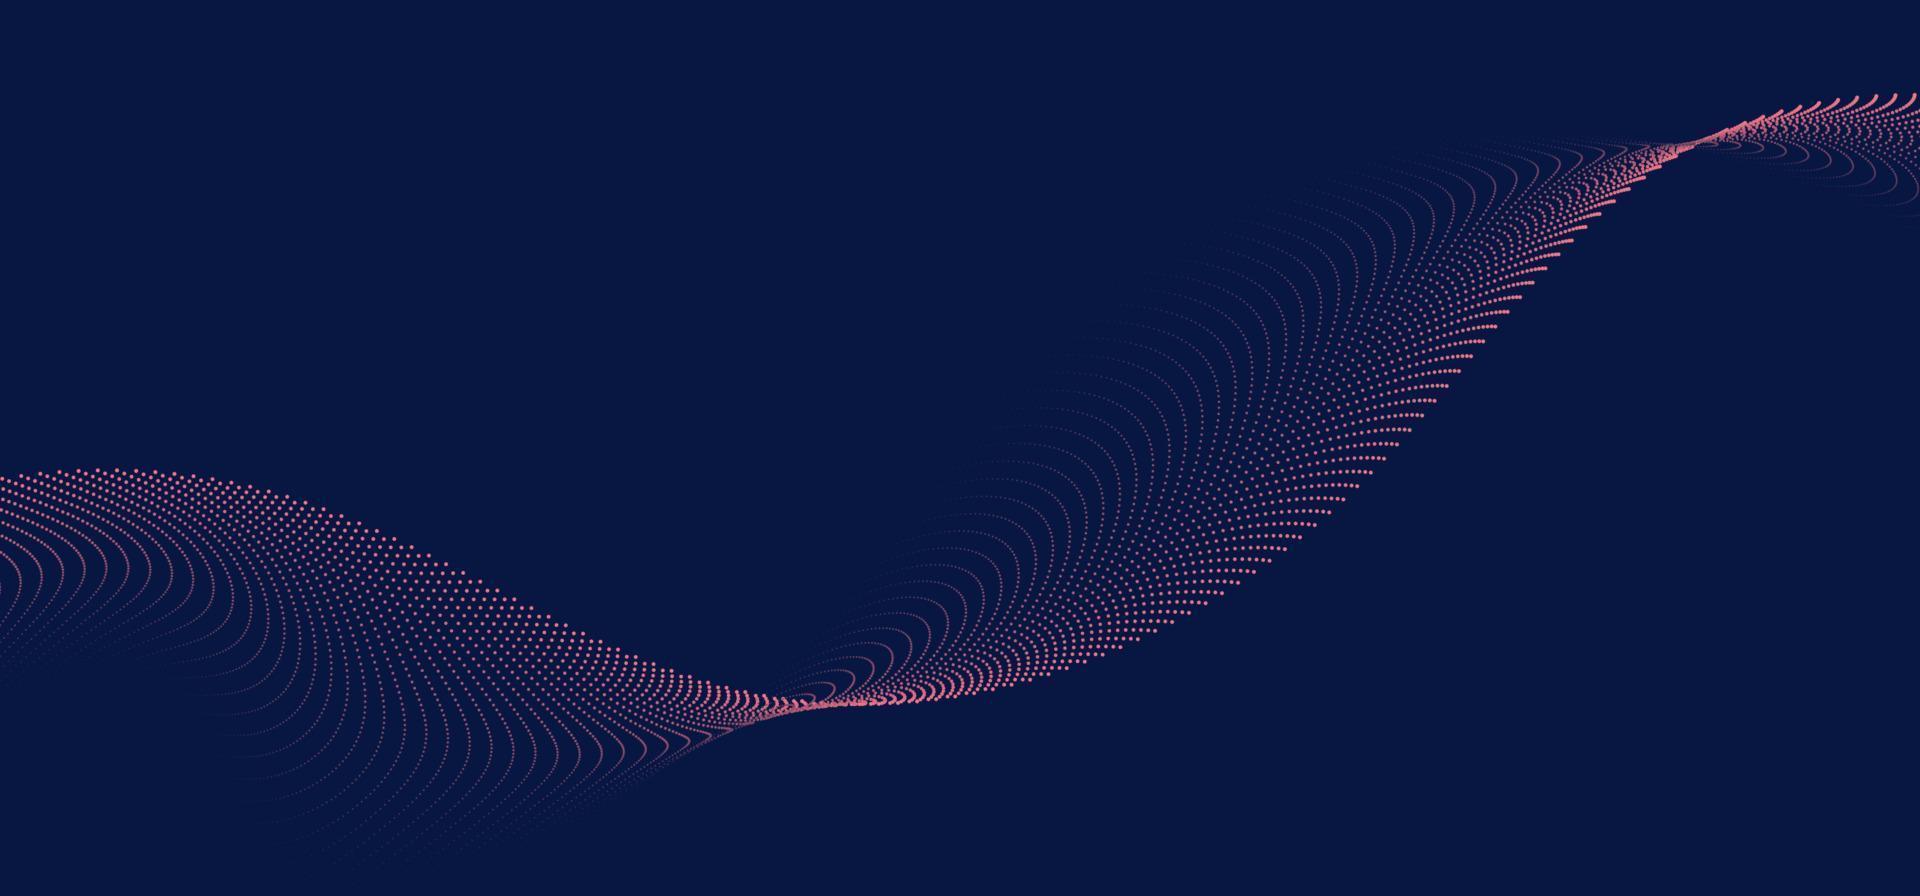 fundo abstrato linhas de onda 3d fluindo partículas suaves forma de curva pontos tecnologia de malha combinada conceito futurista vetor